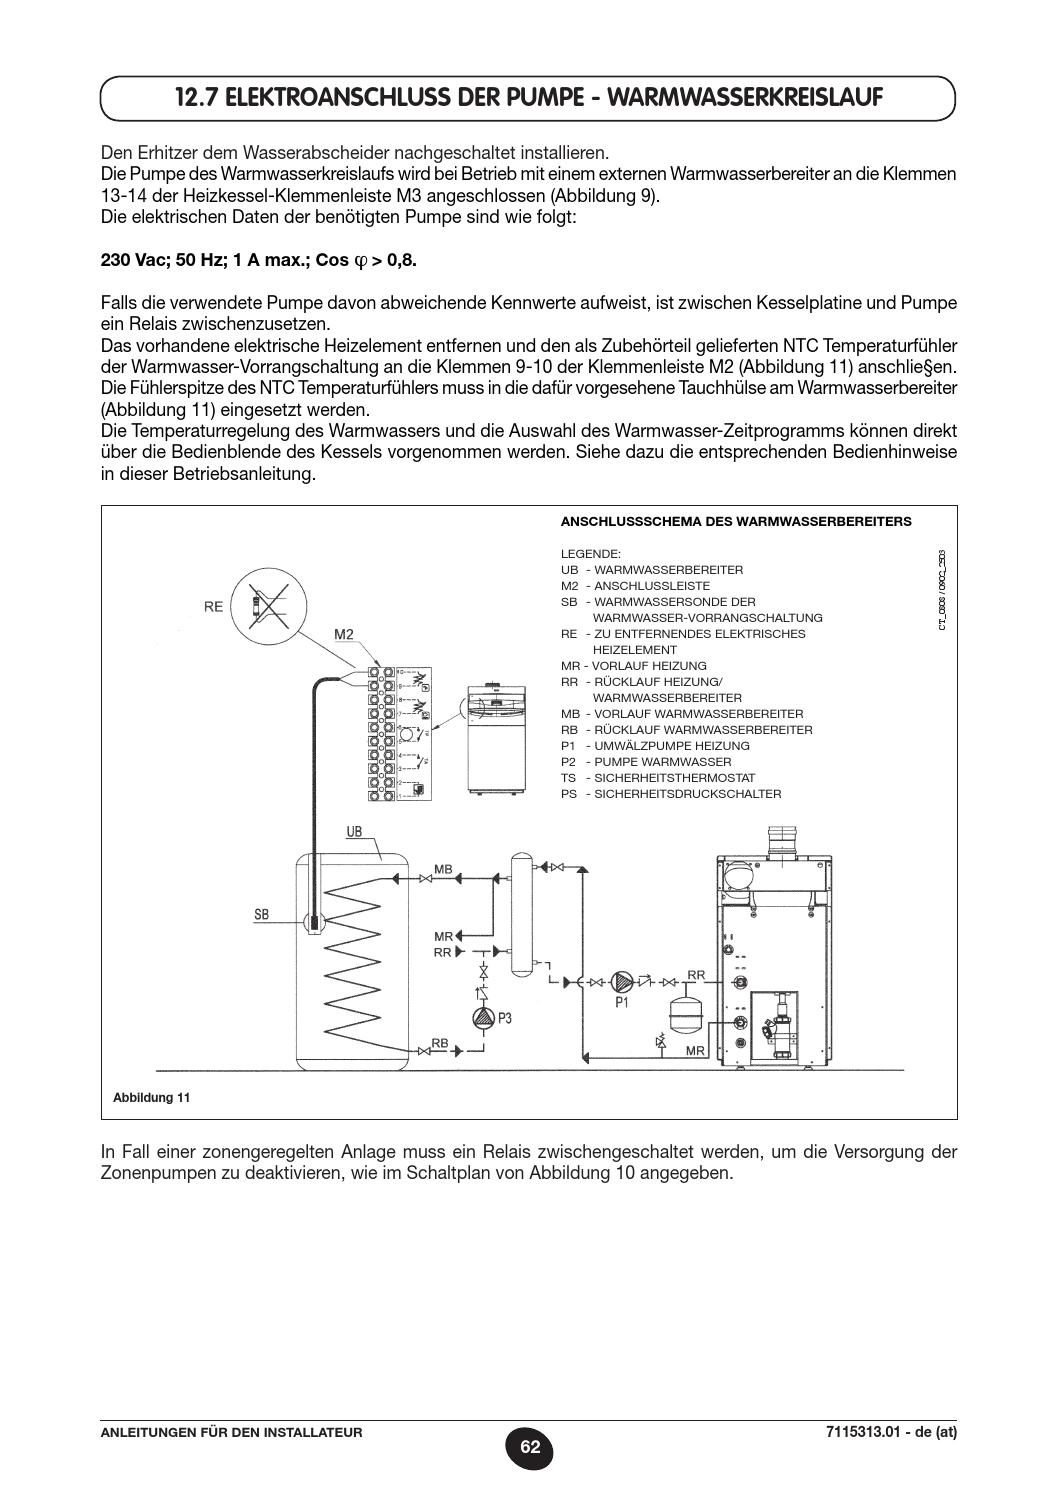 Atemberaubend Schaltplan Der Pumpe Fotos - Elektrische Schaltplan ...